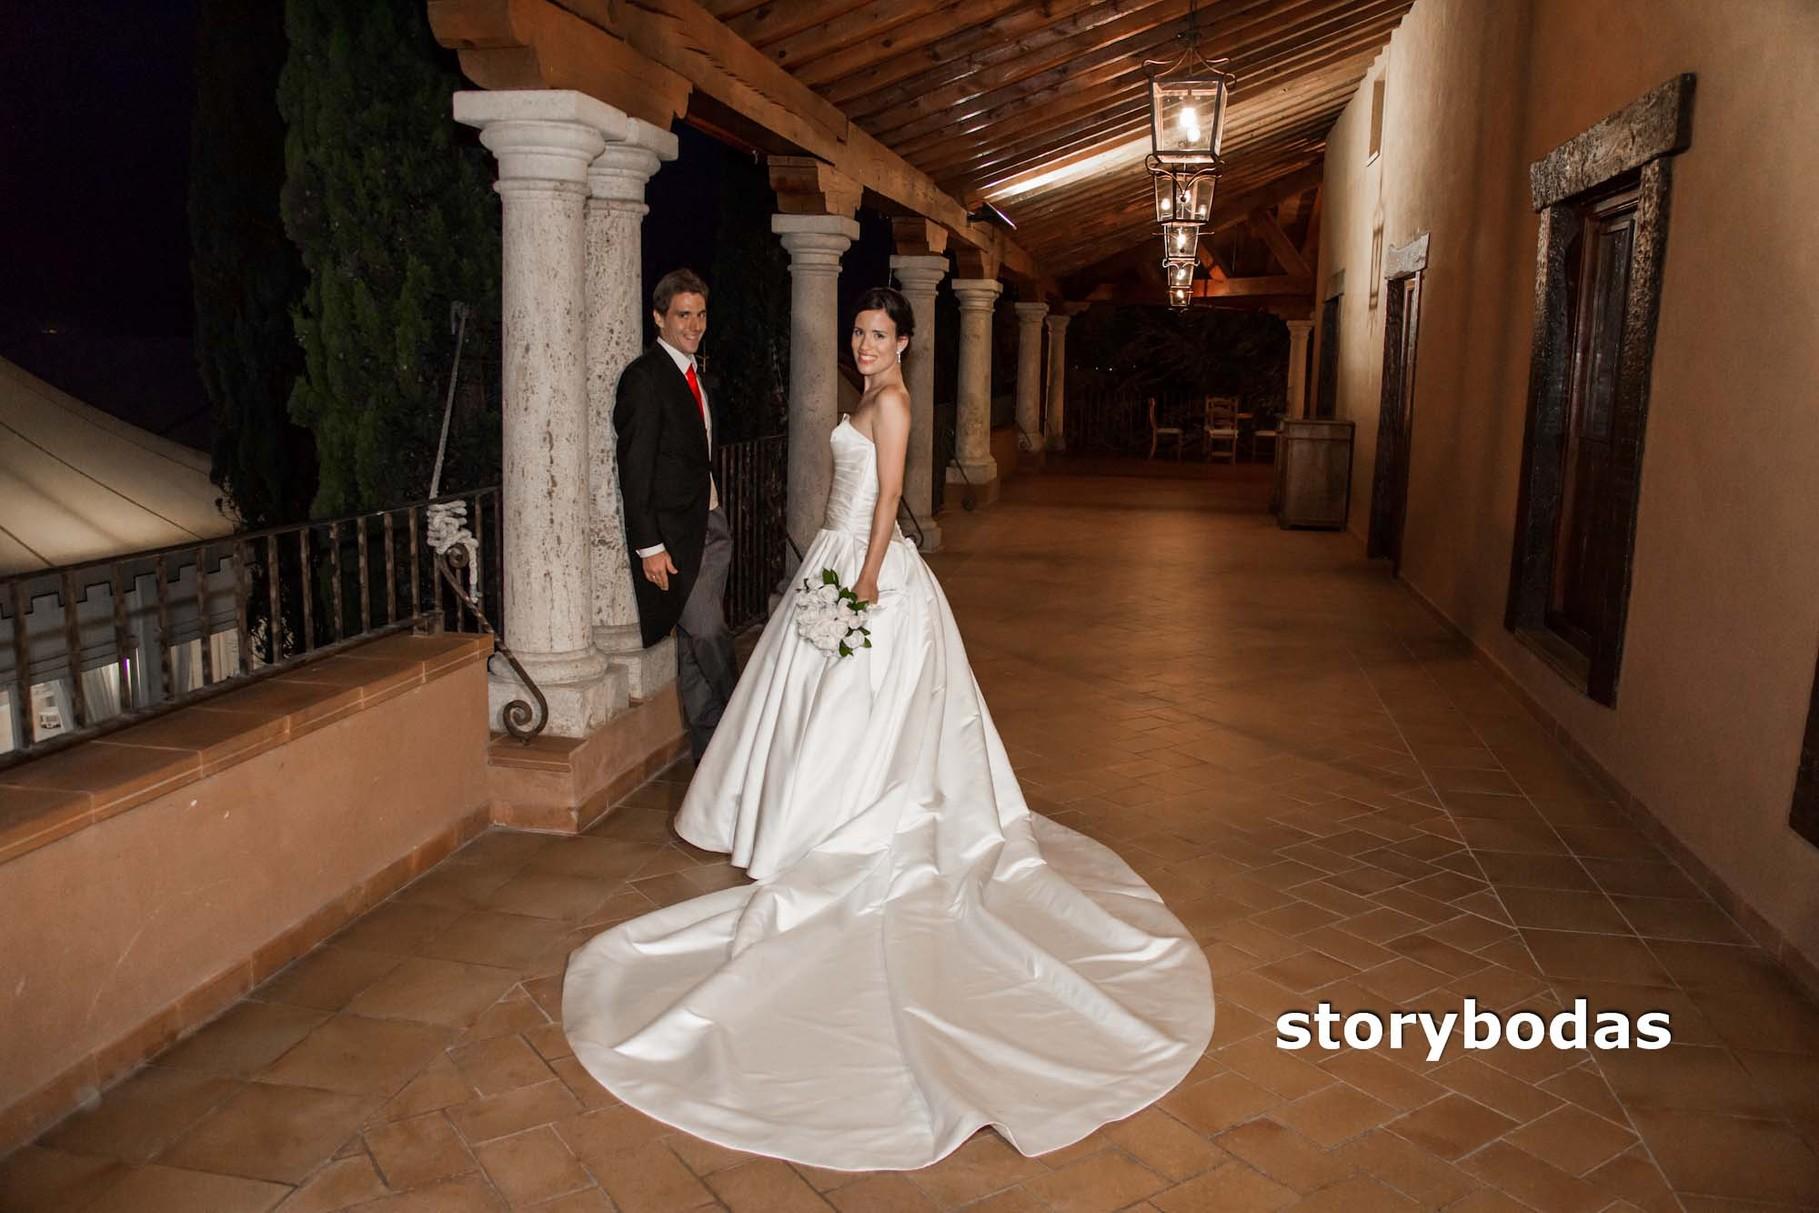 storybodas Fotos de pose novios boda 10